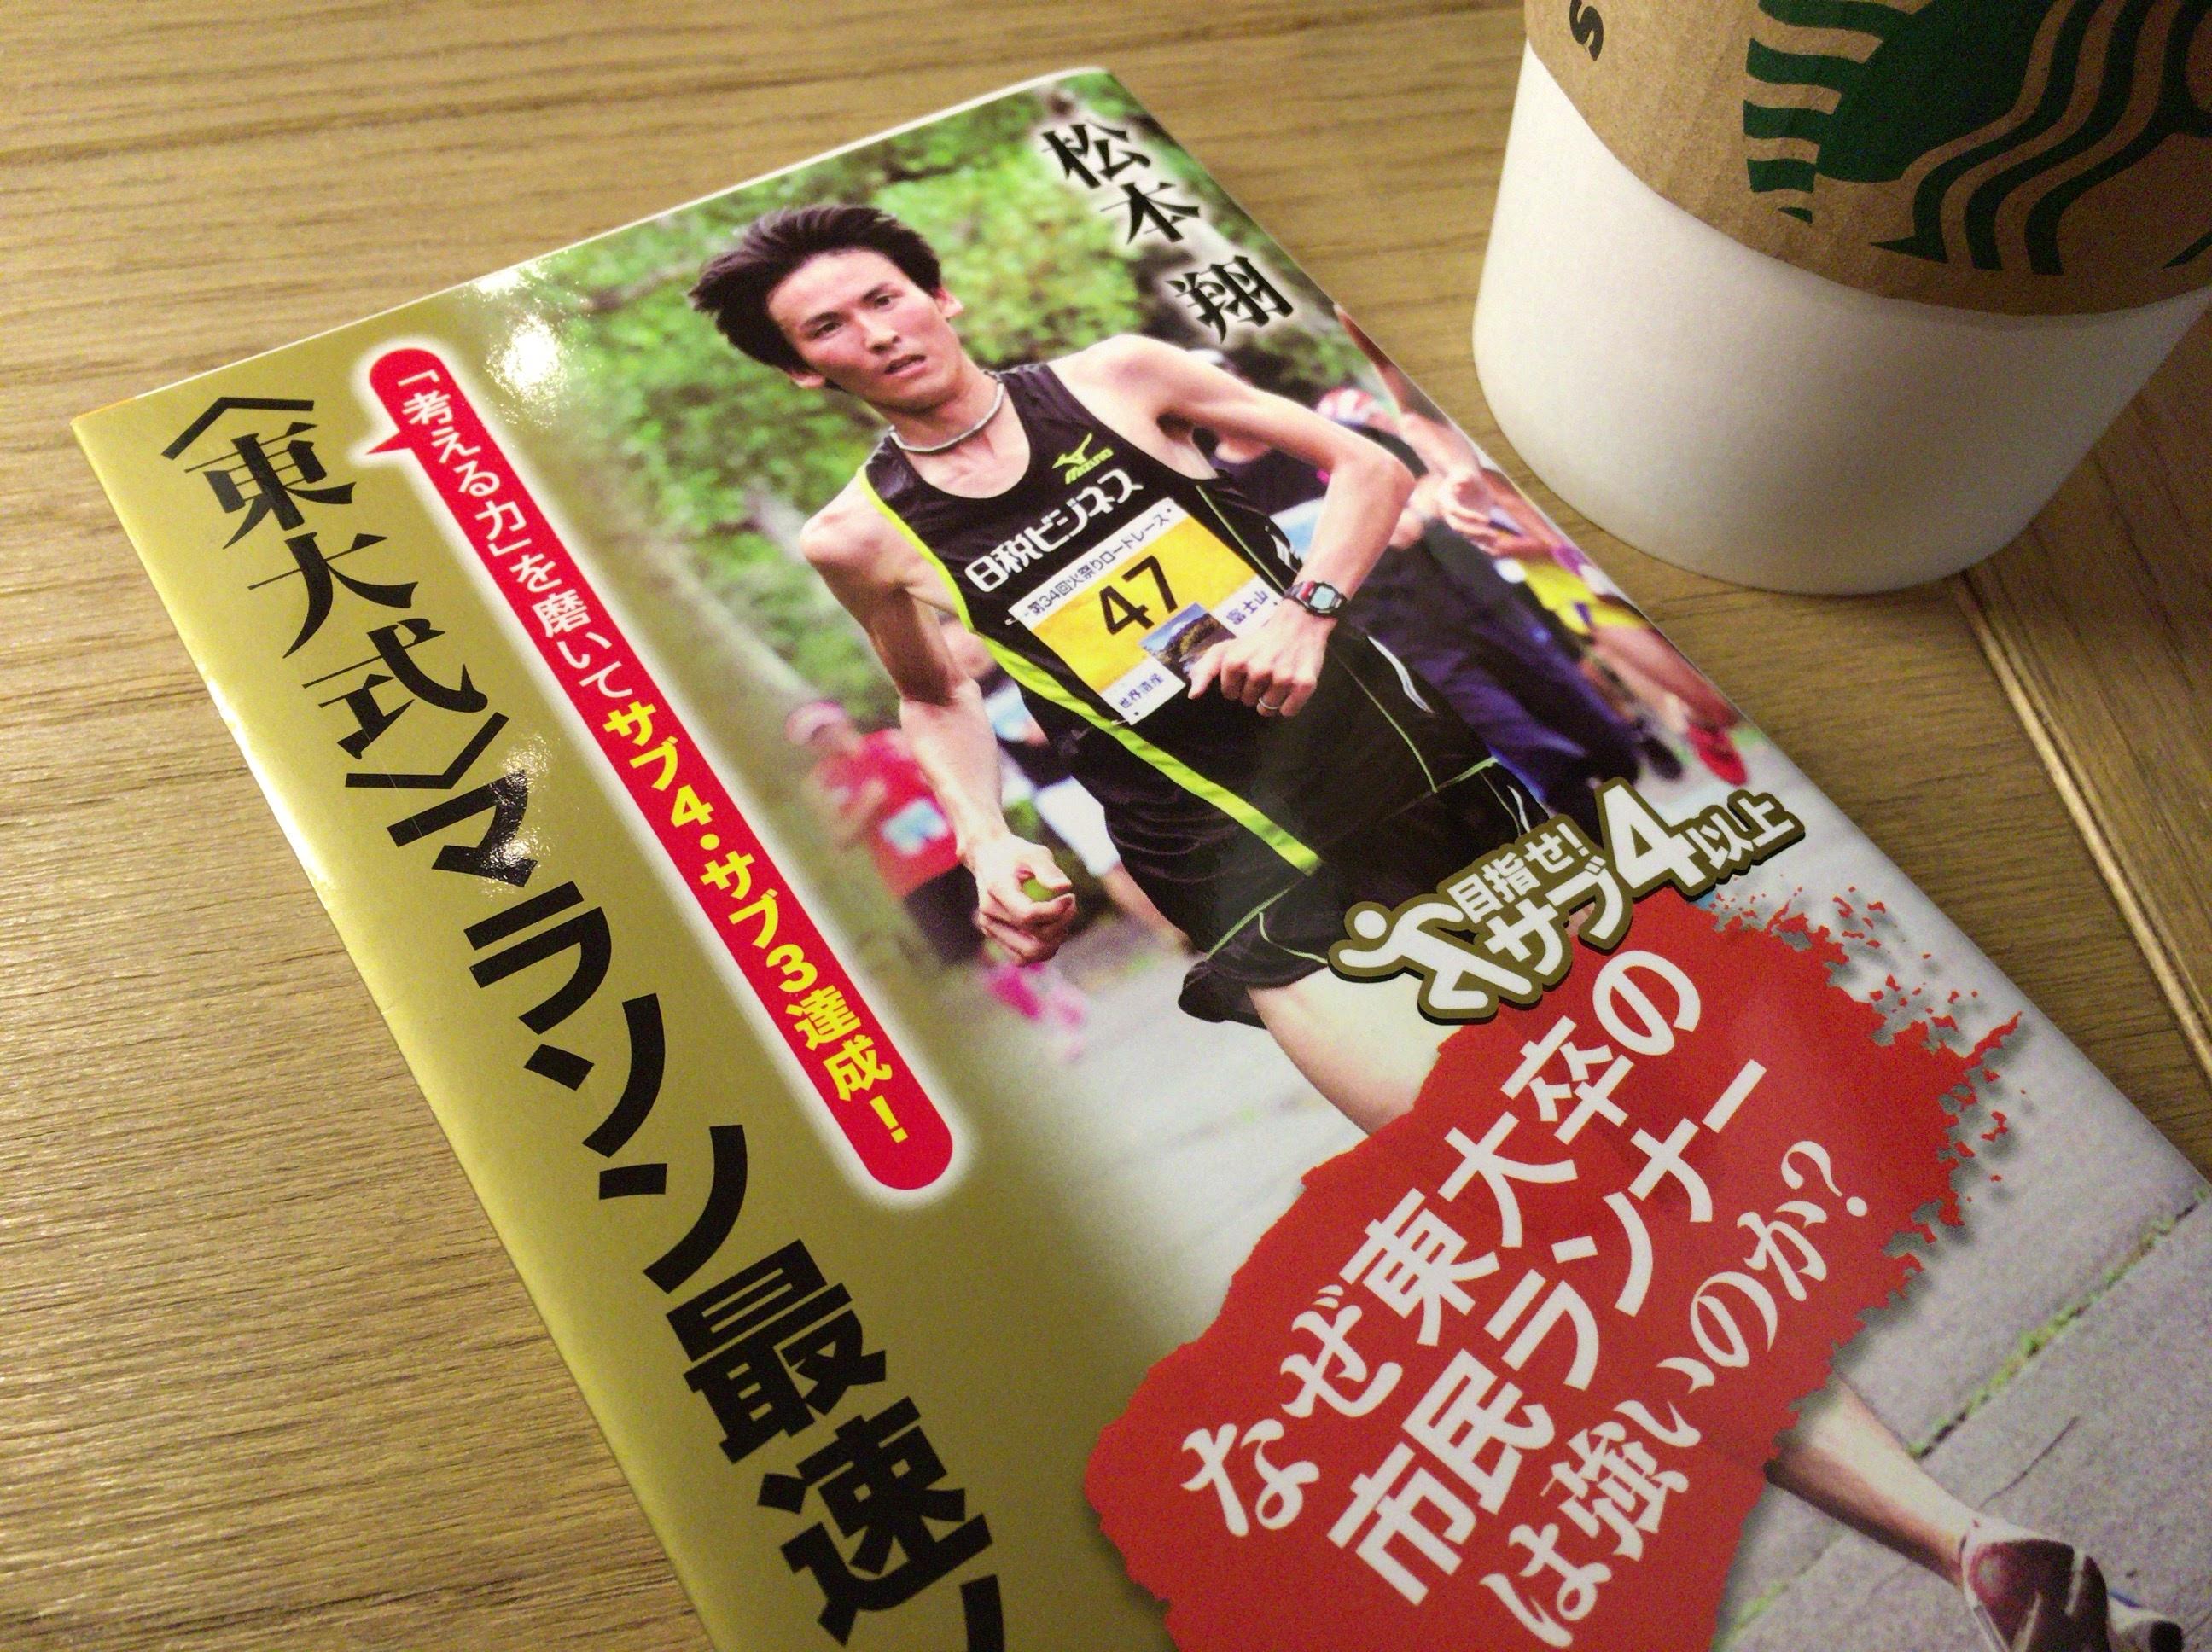 <東大式>マラソン最速メソッド-松本翔。サブ3、サブ3.5を目指す人向けの練習メニューと本番での走り方、考え方を学べる一冊